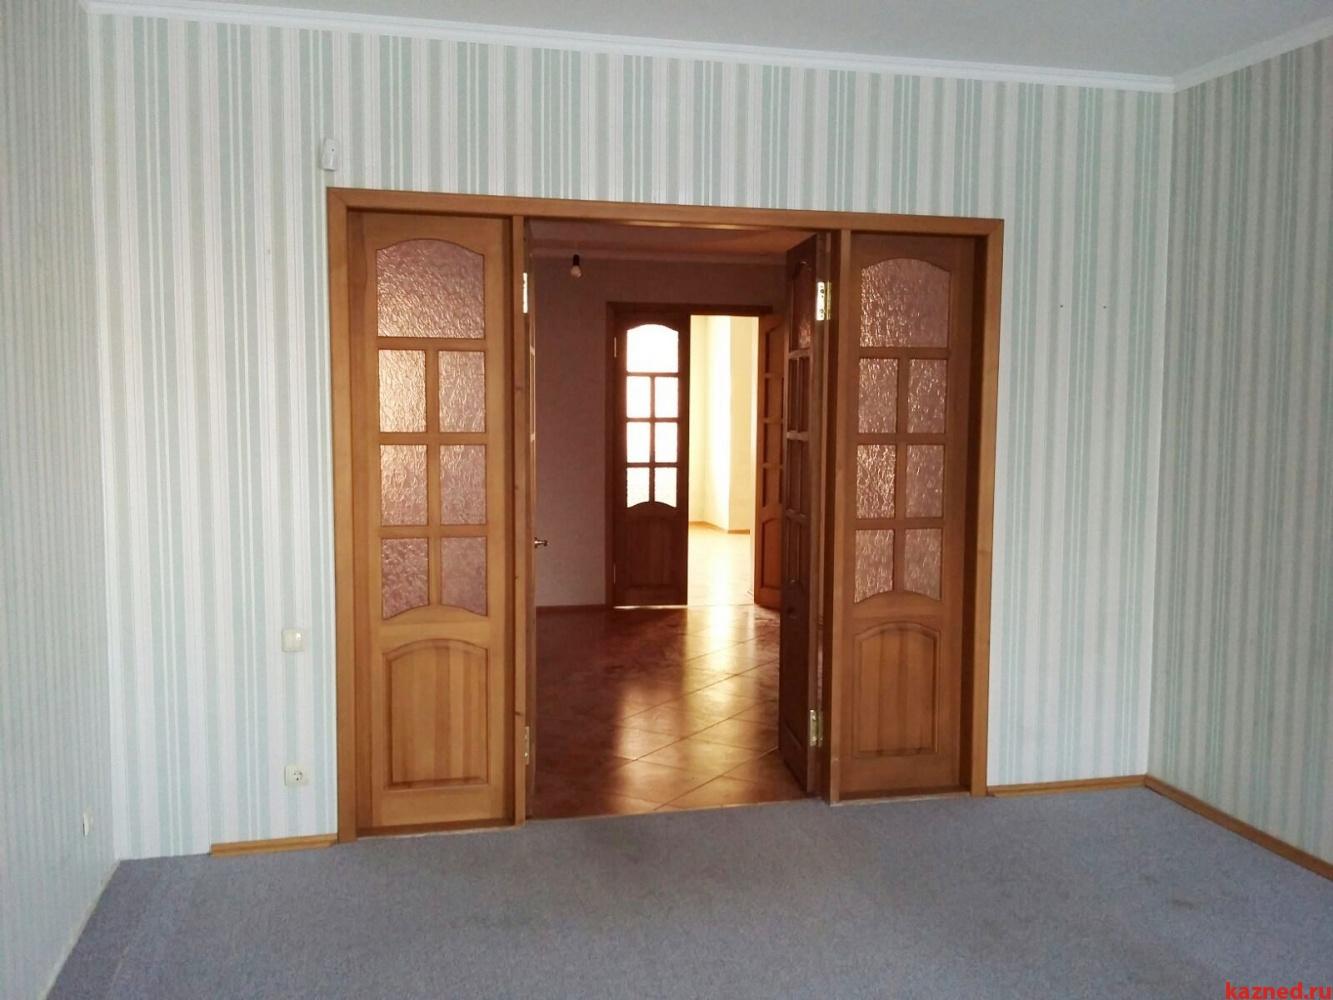 Продажа 4-к квартиры Толстого ул, 16А, 167 м2  (миниатюра №3)